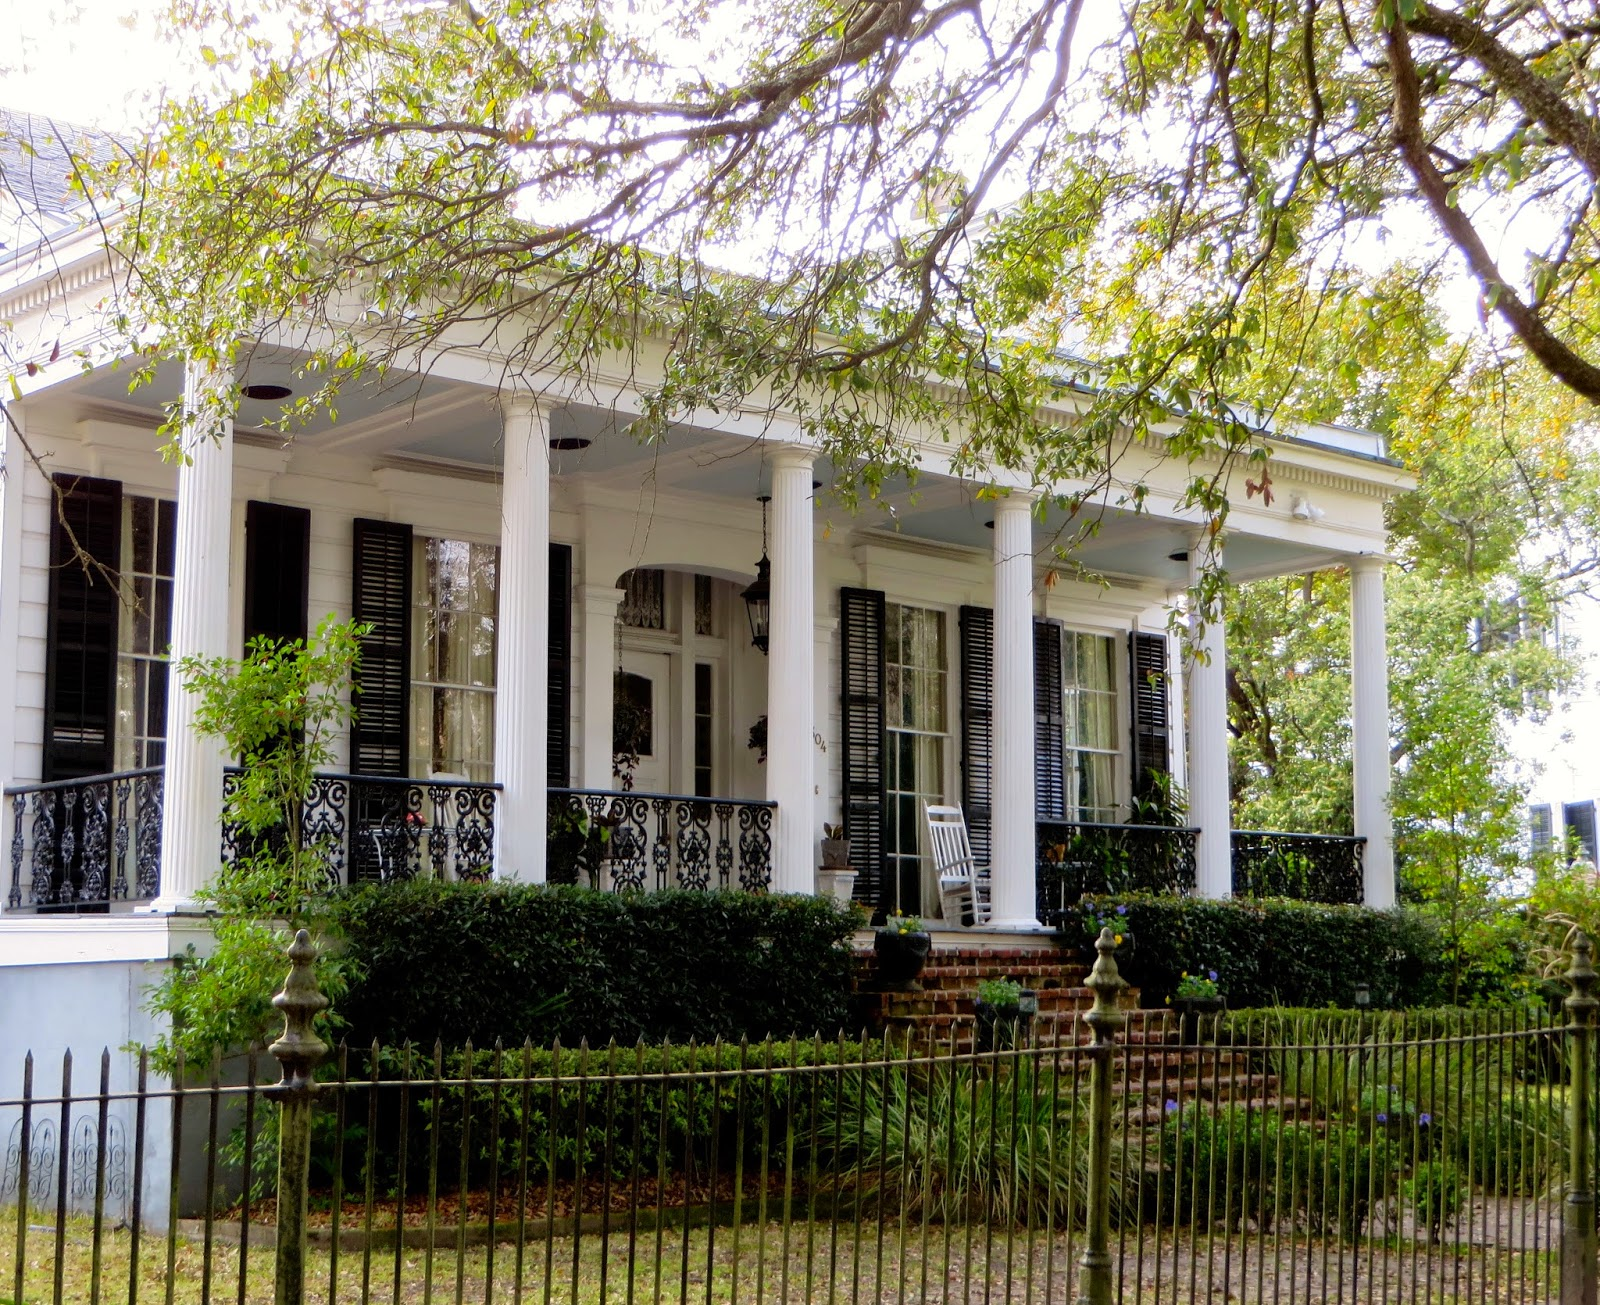 Lower Garden District New Orleans Restaurants